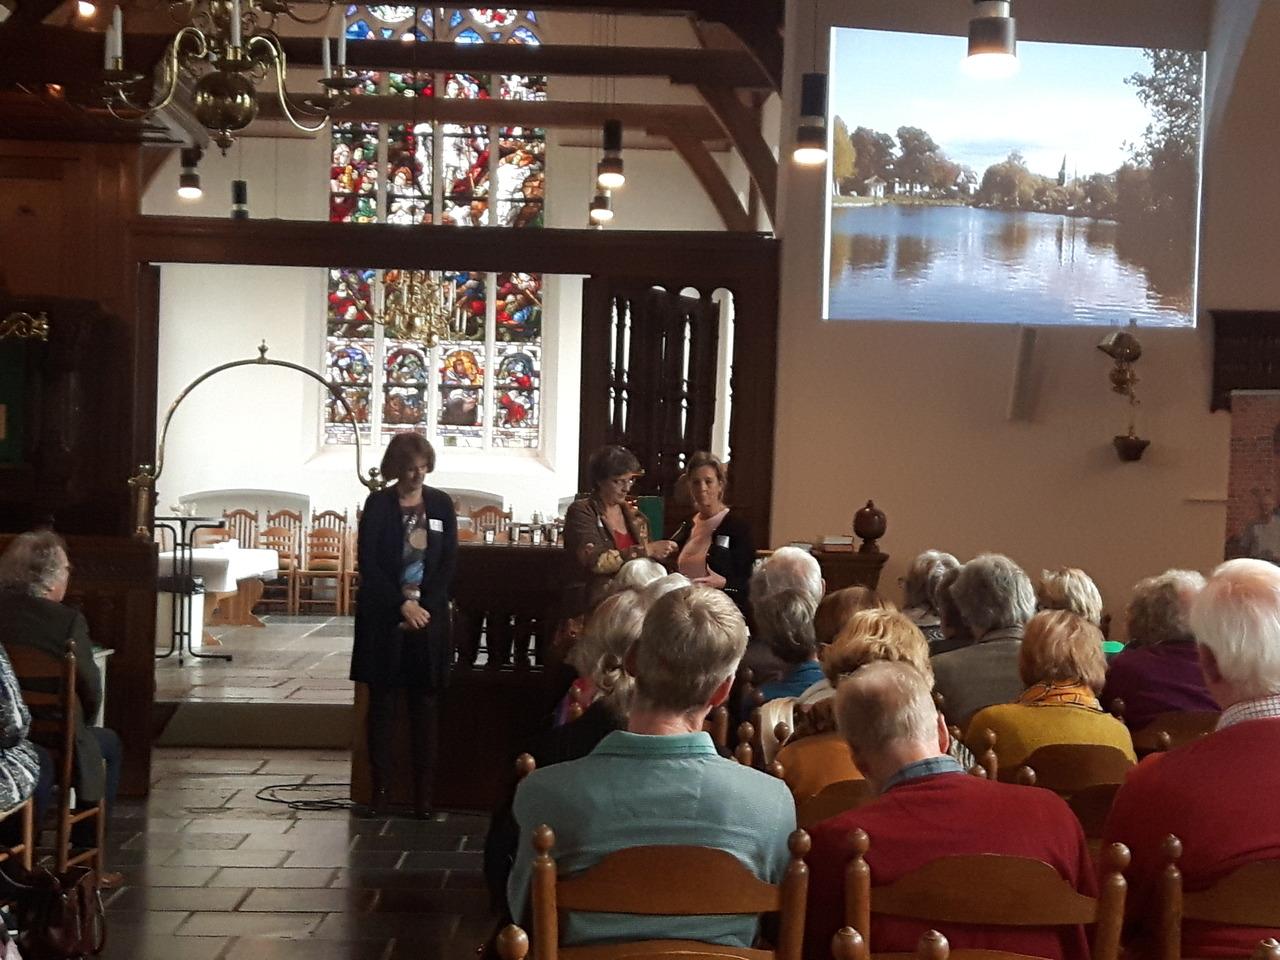 Kerkenconferentie in dorpskerk Vreeland - RTV Stichtse Vecht